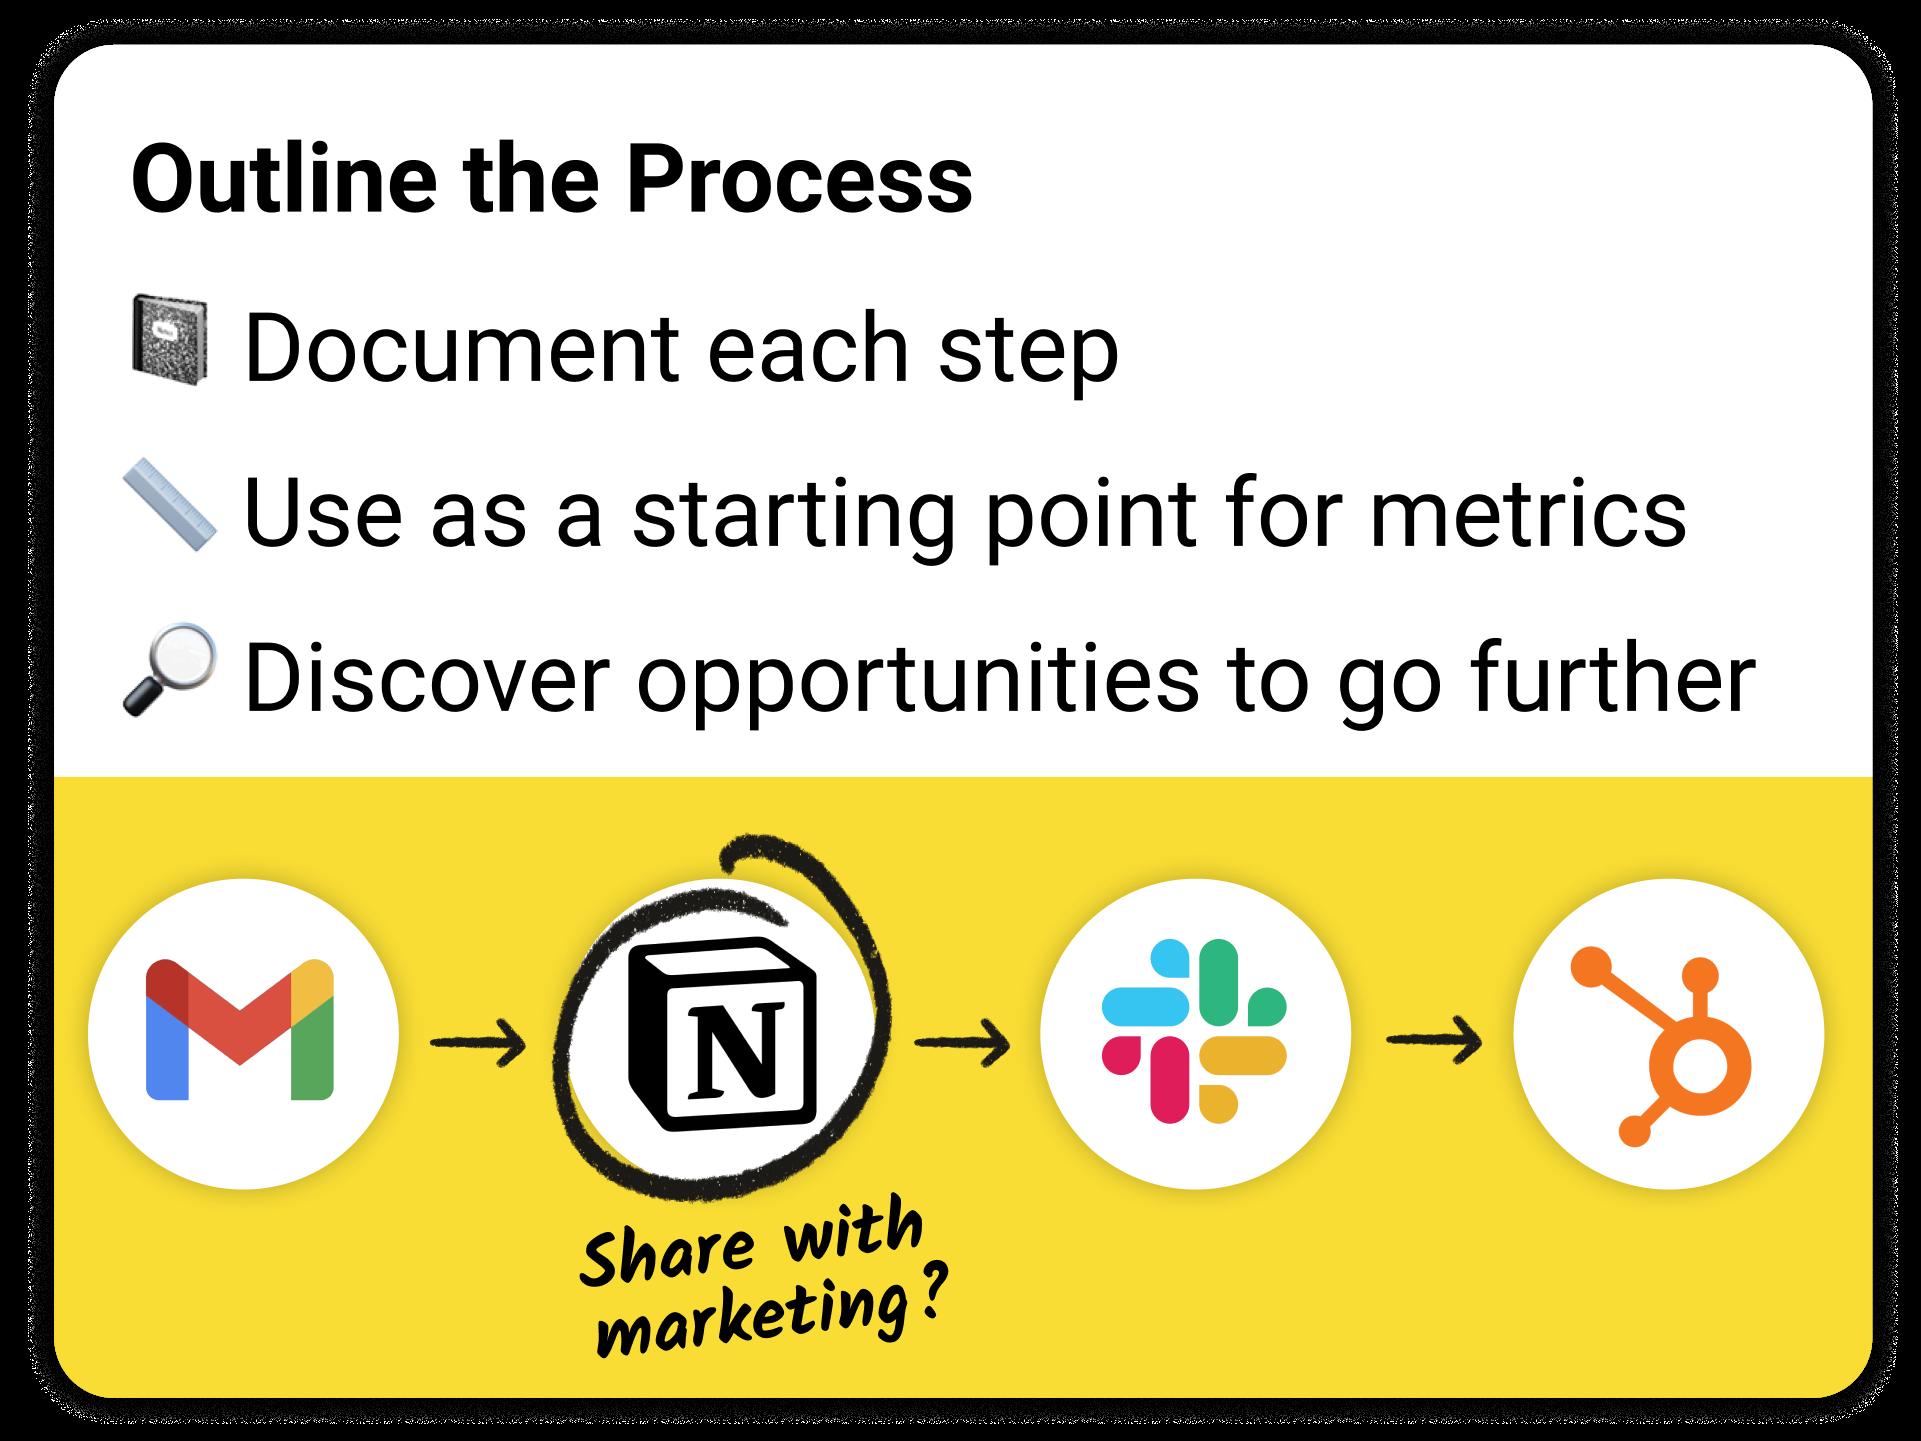 outline each step